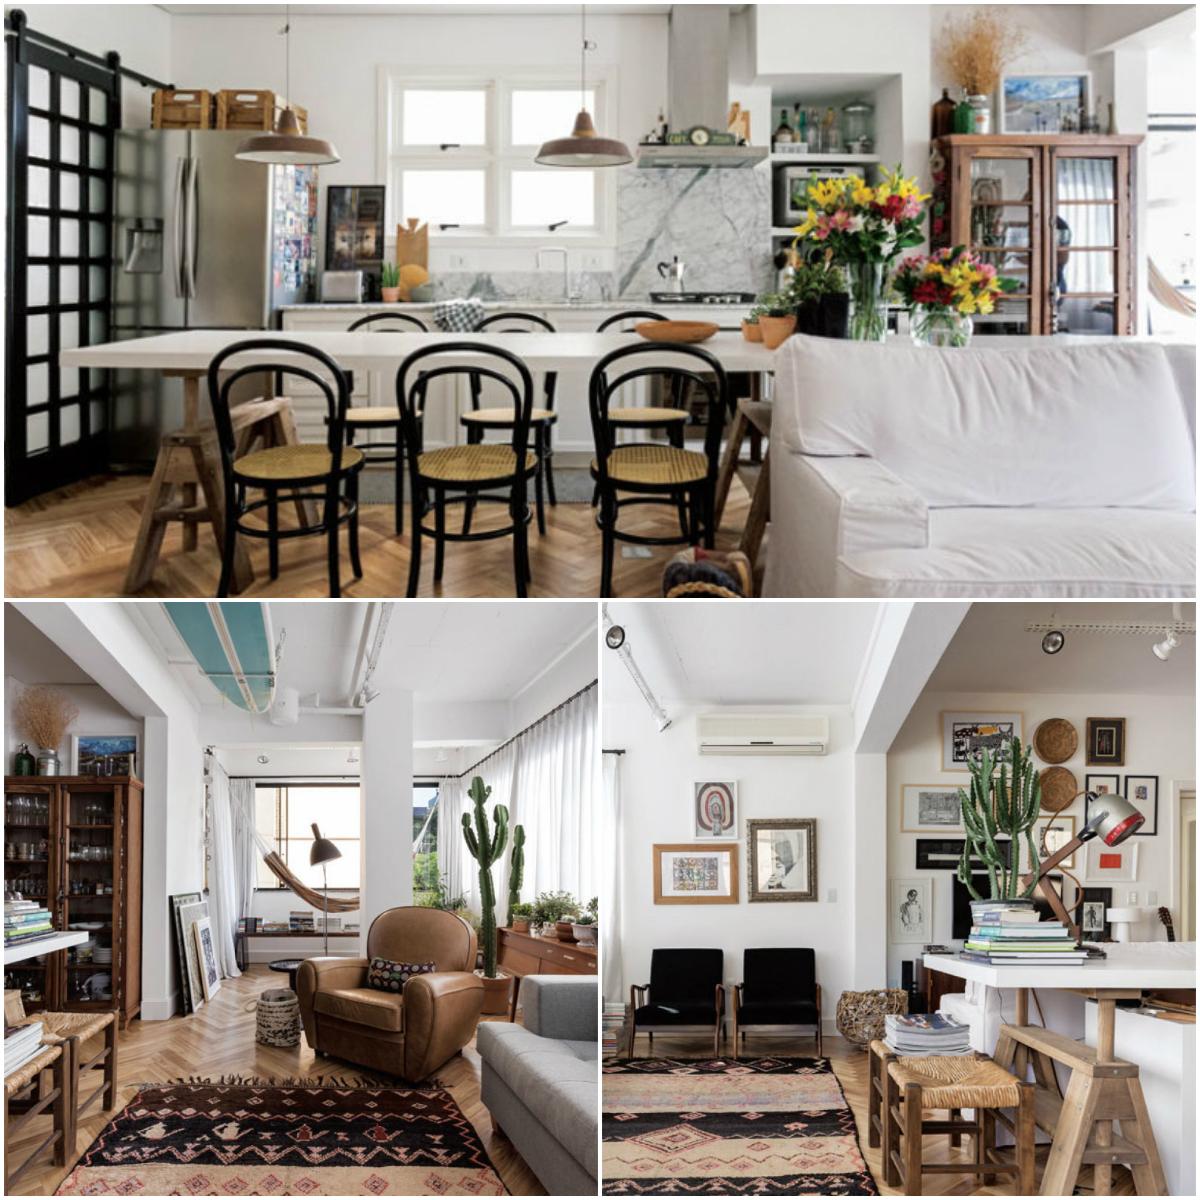 24-apartamentos-pequenos-que-vao-te-surpreender